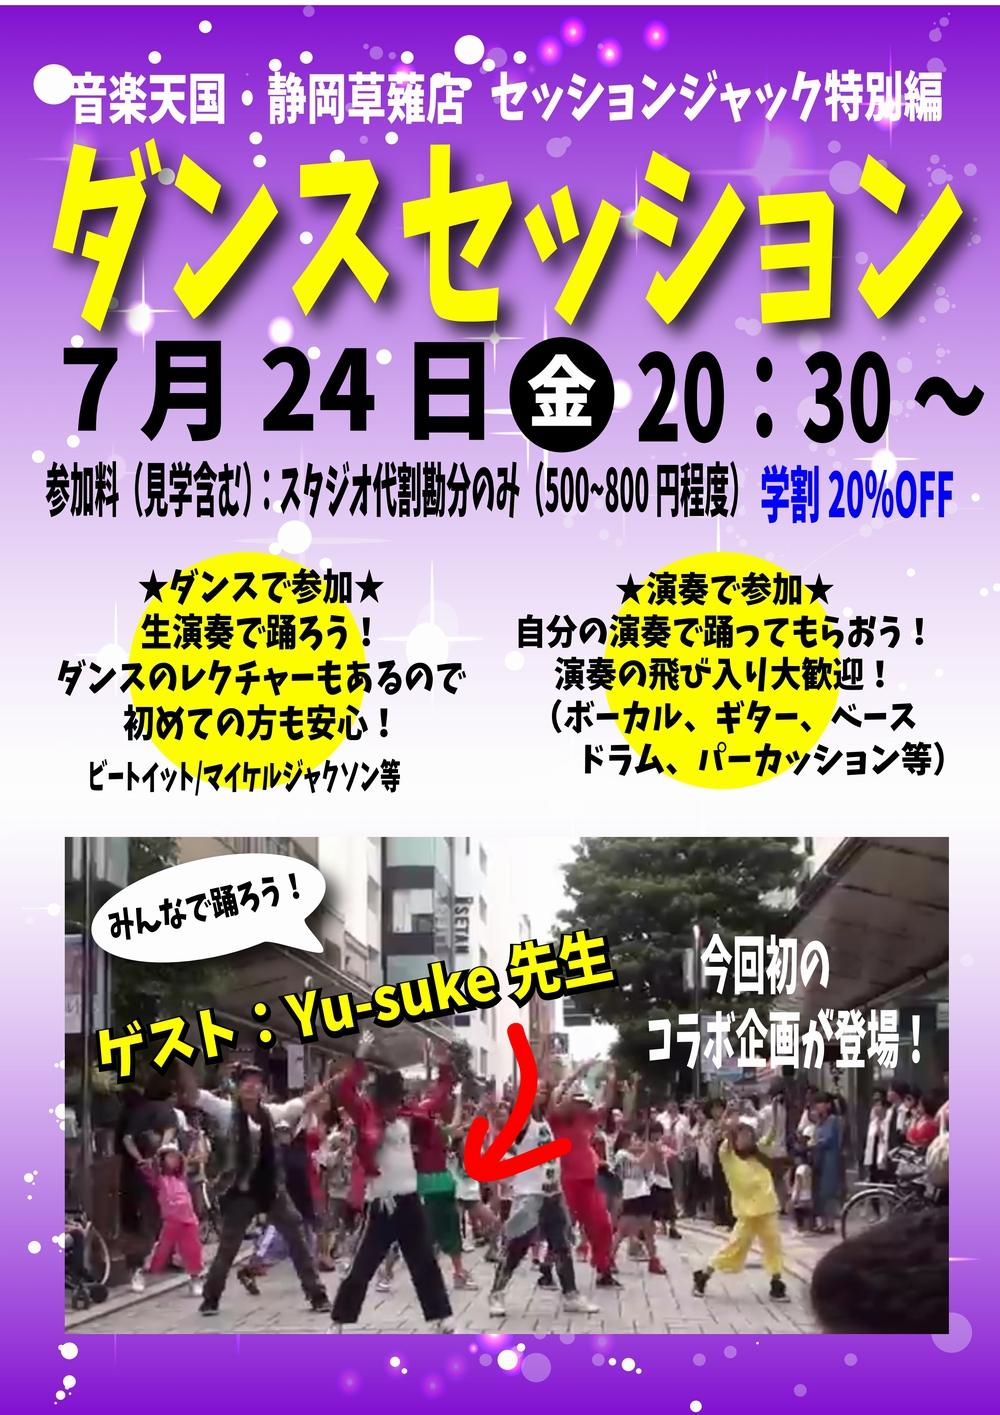 【セッション天国】ダンスセッション@音楽天国・静岡草薙店7月24日(金)初開催!